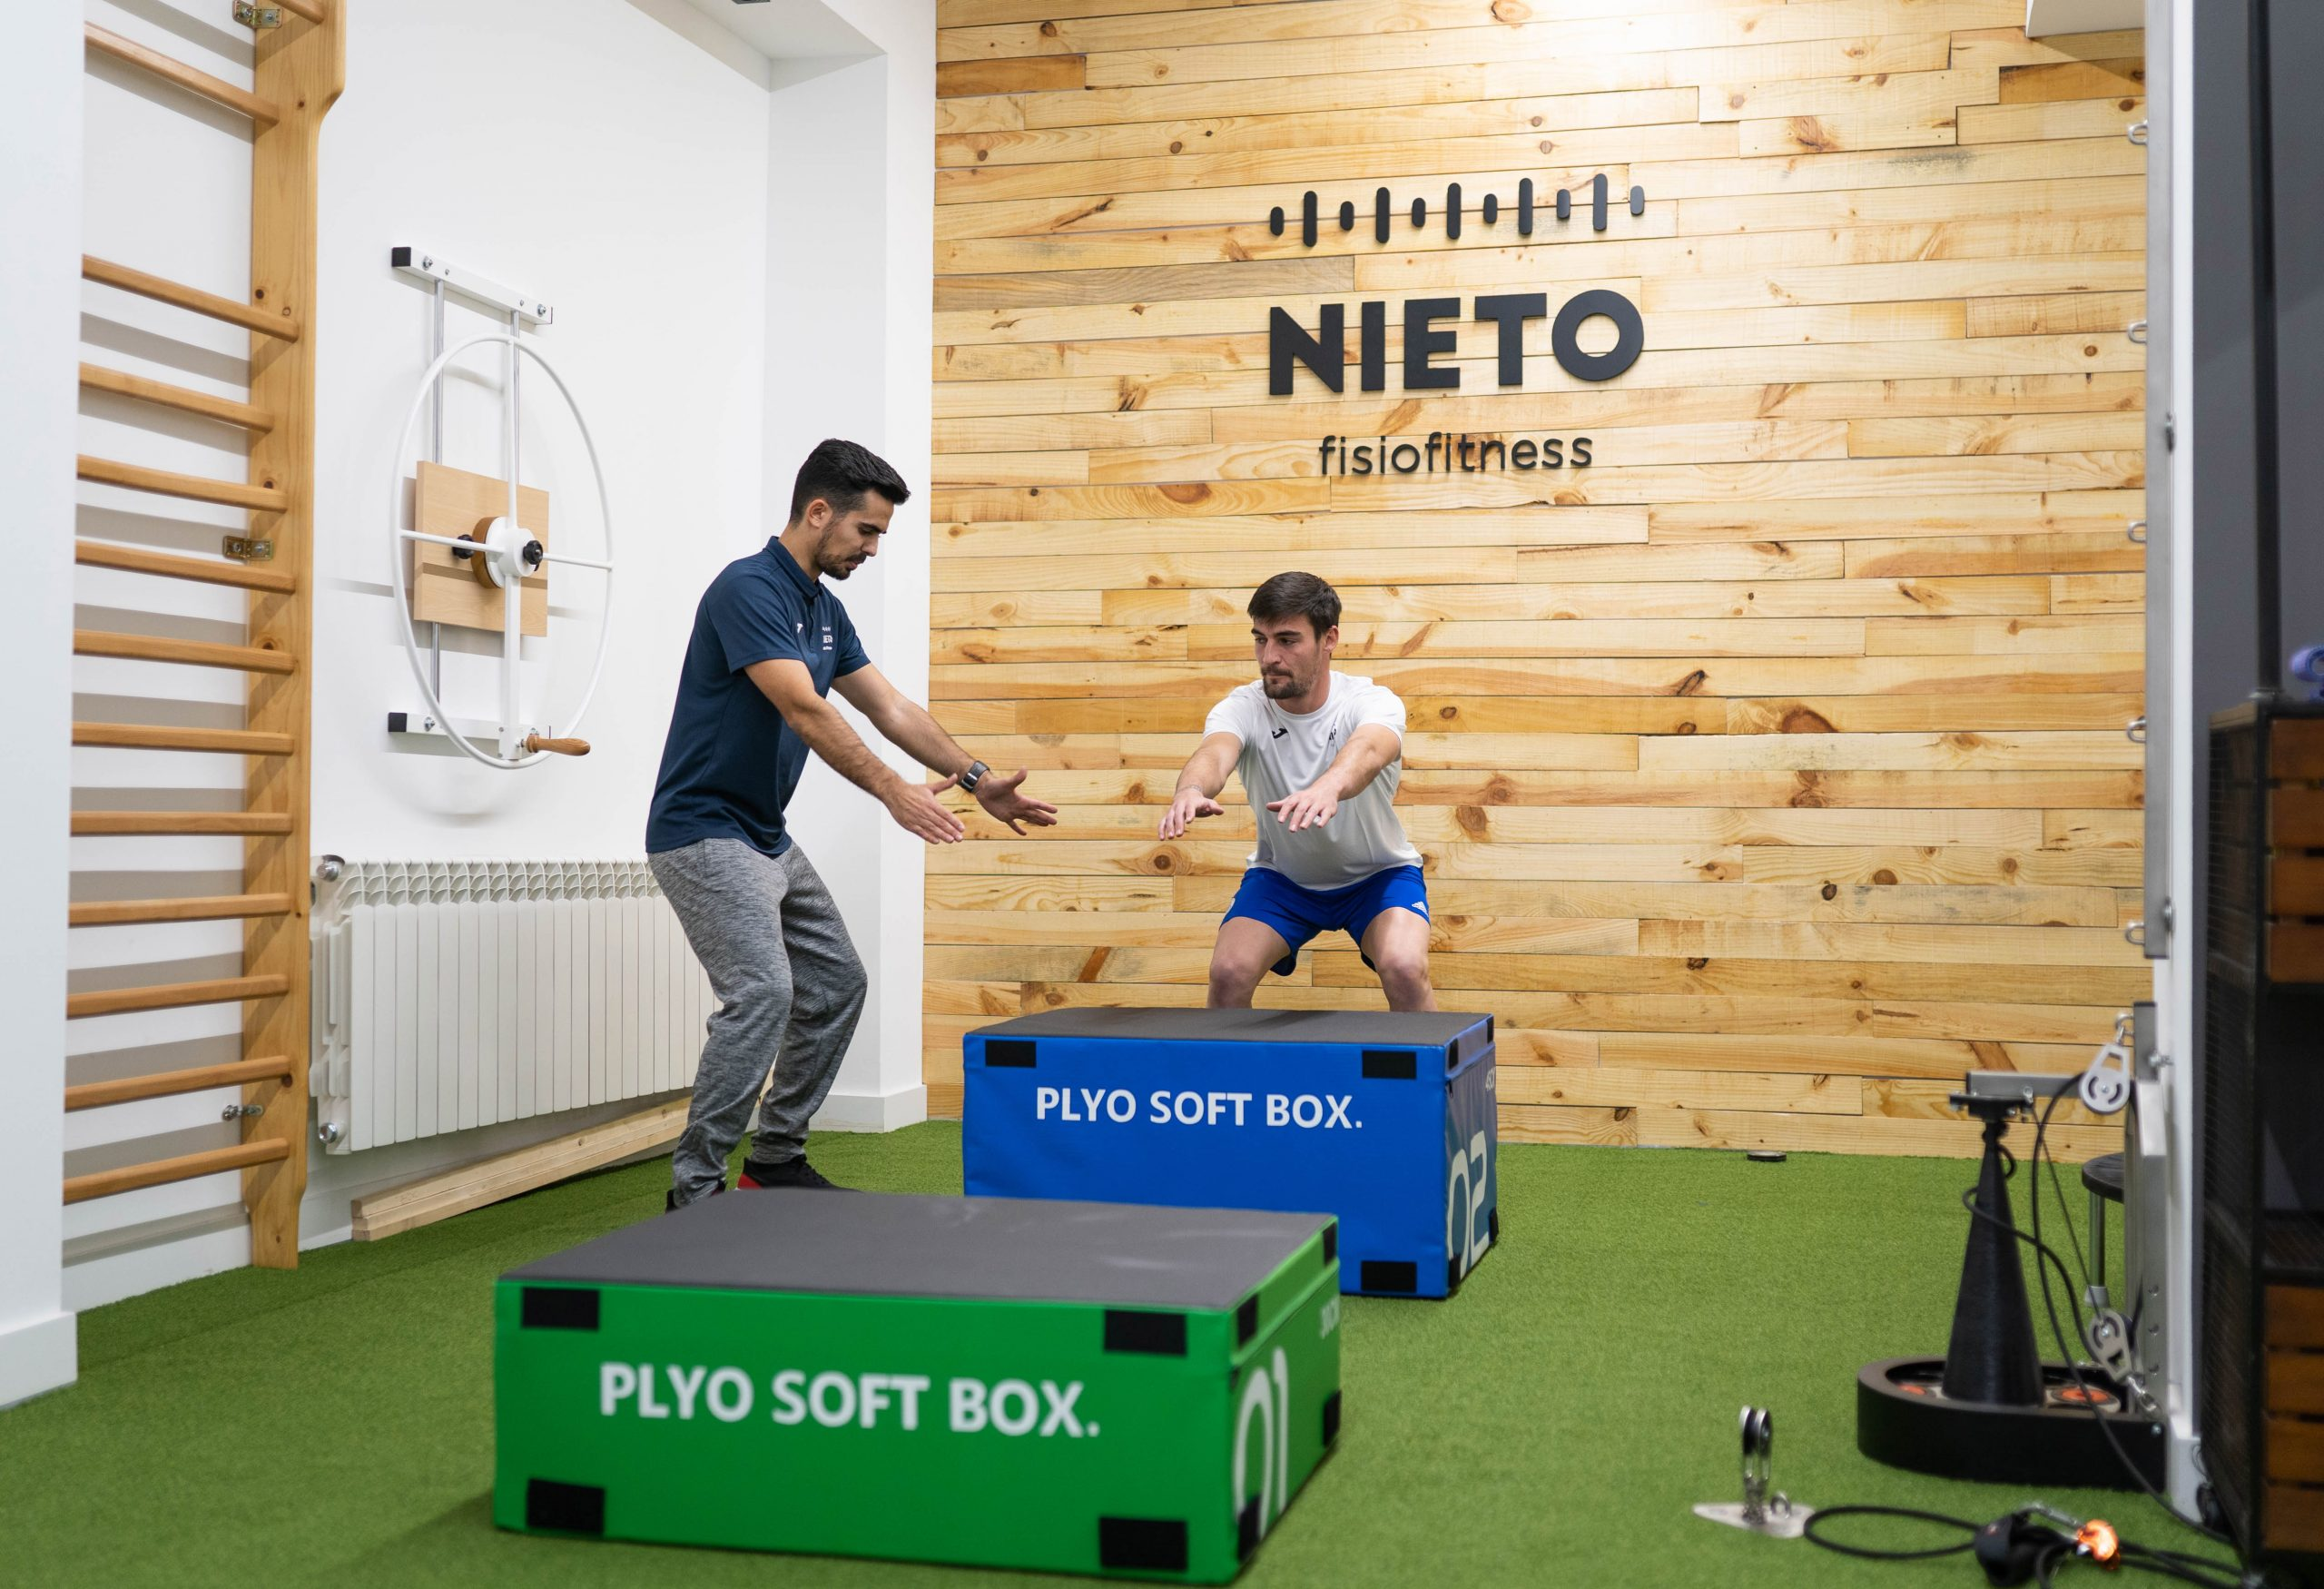 Instalaciones-Nieto-Fisio-Estudio-21